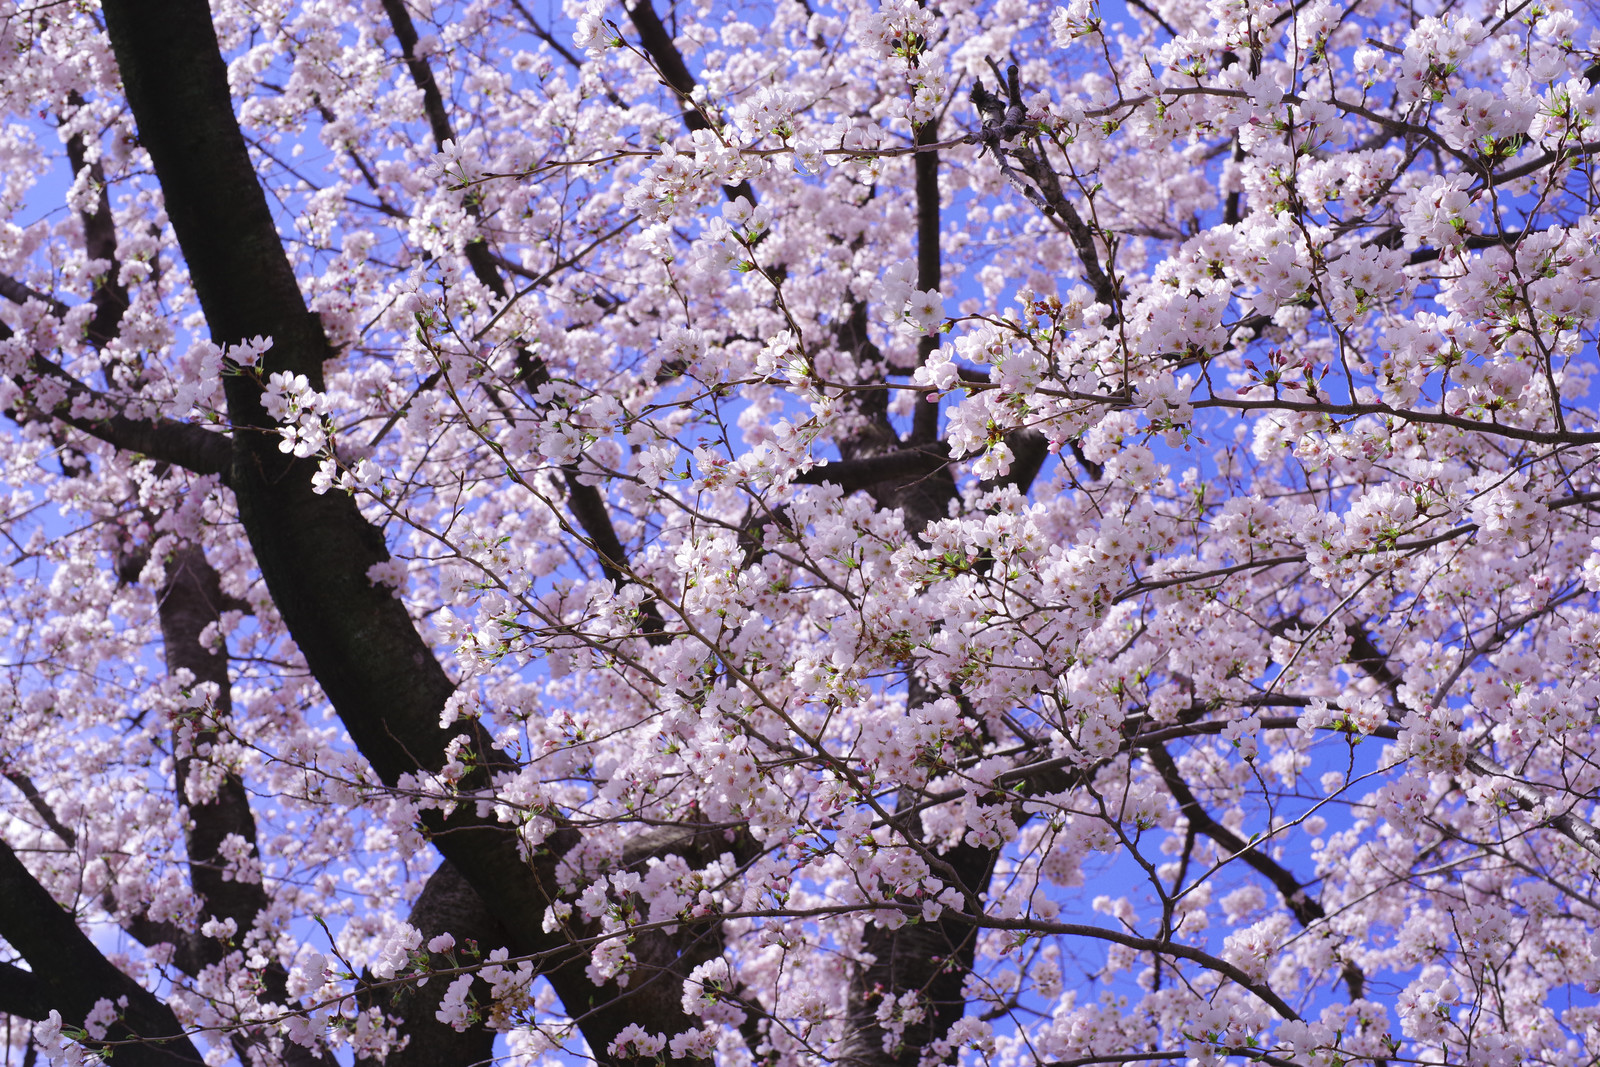 「春が来て満開に咲き誇るソメイヨシノ」の写真